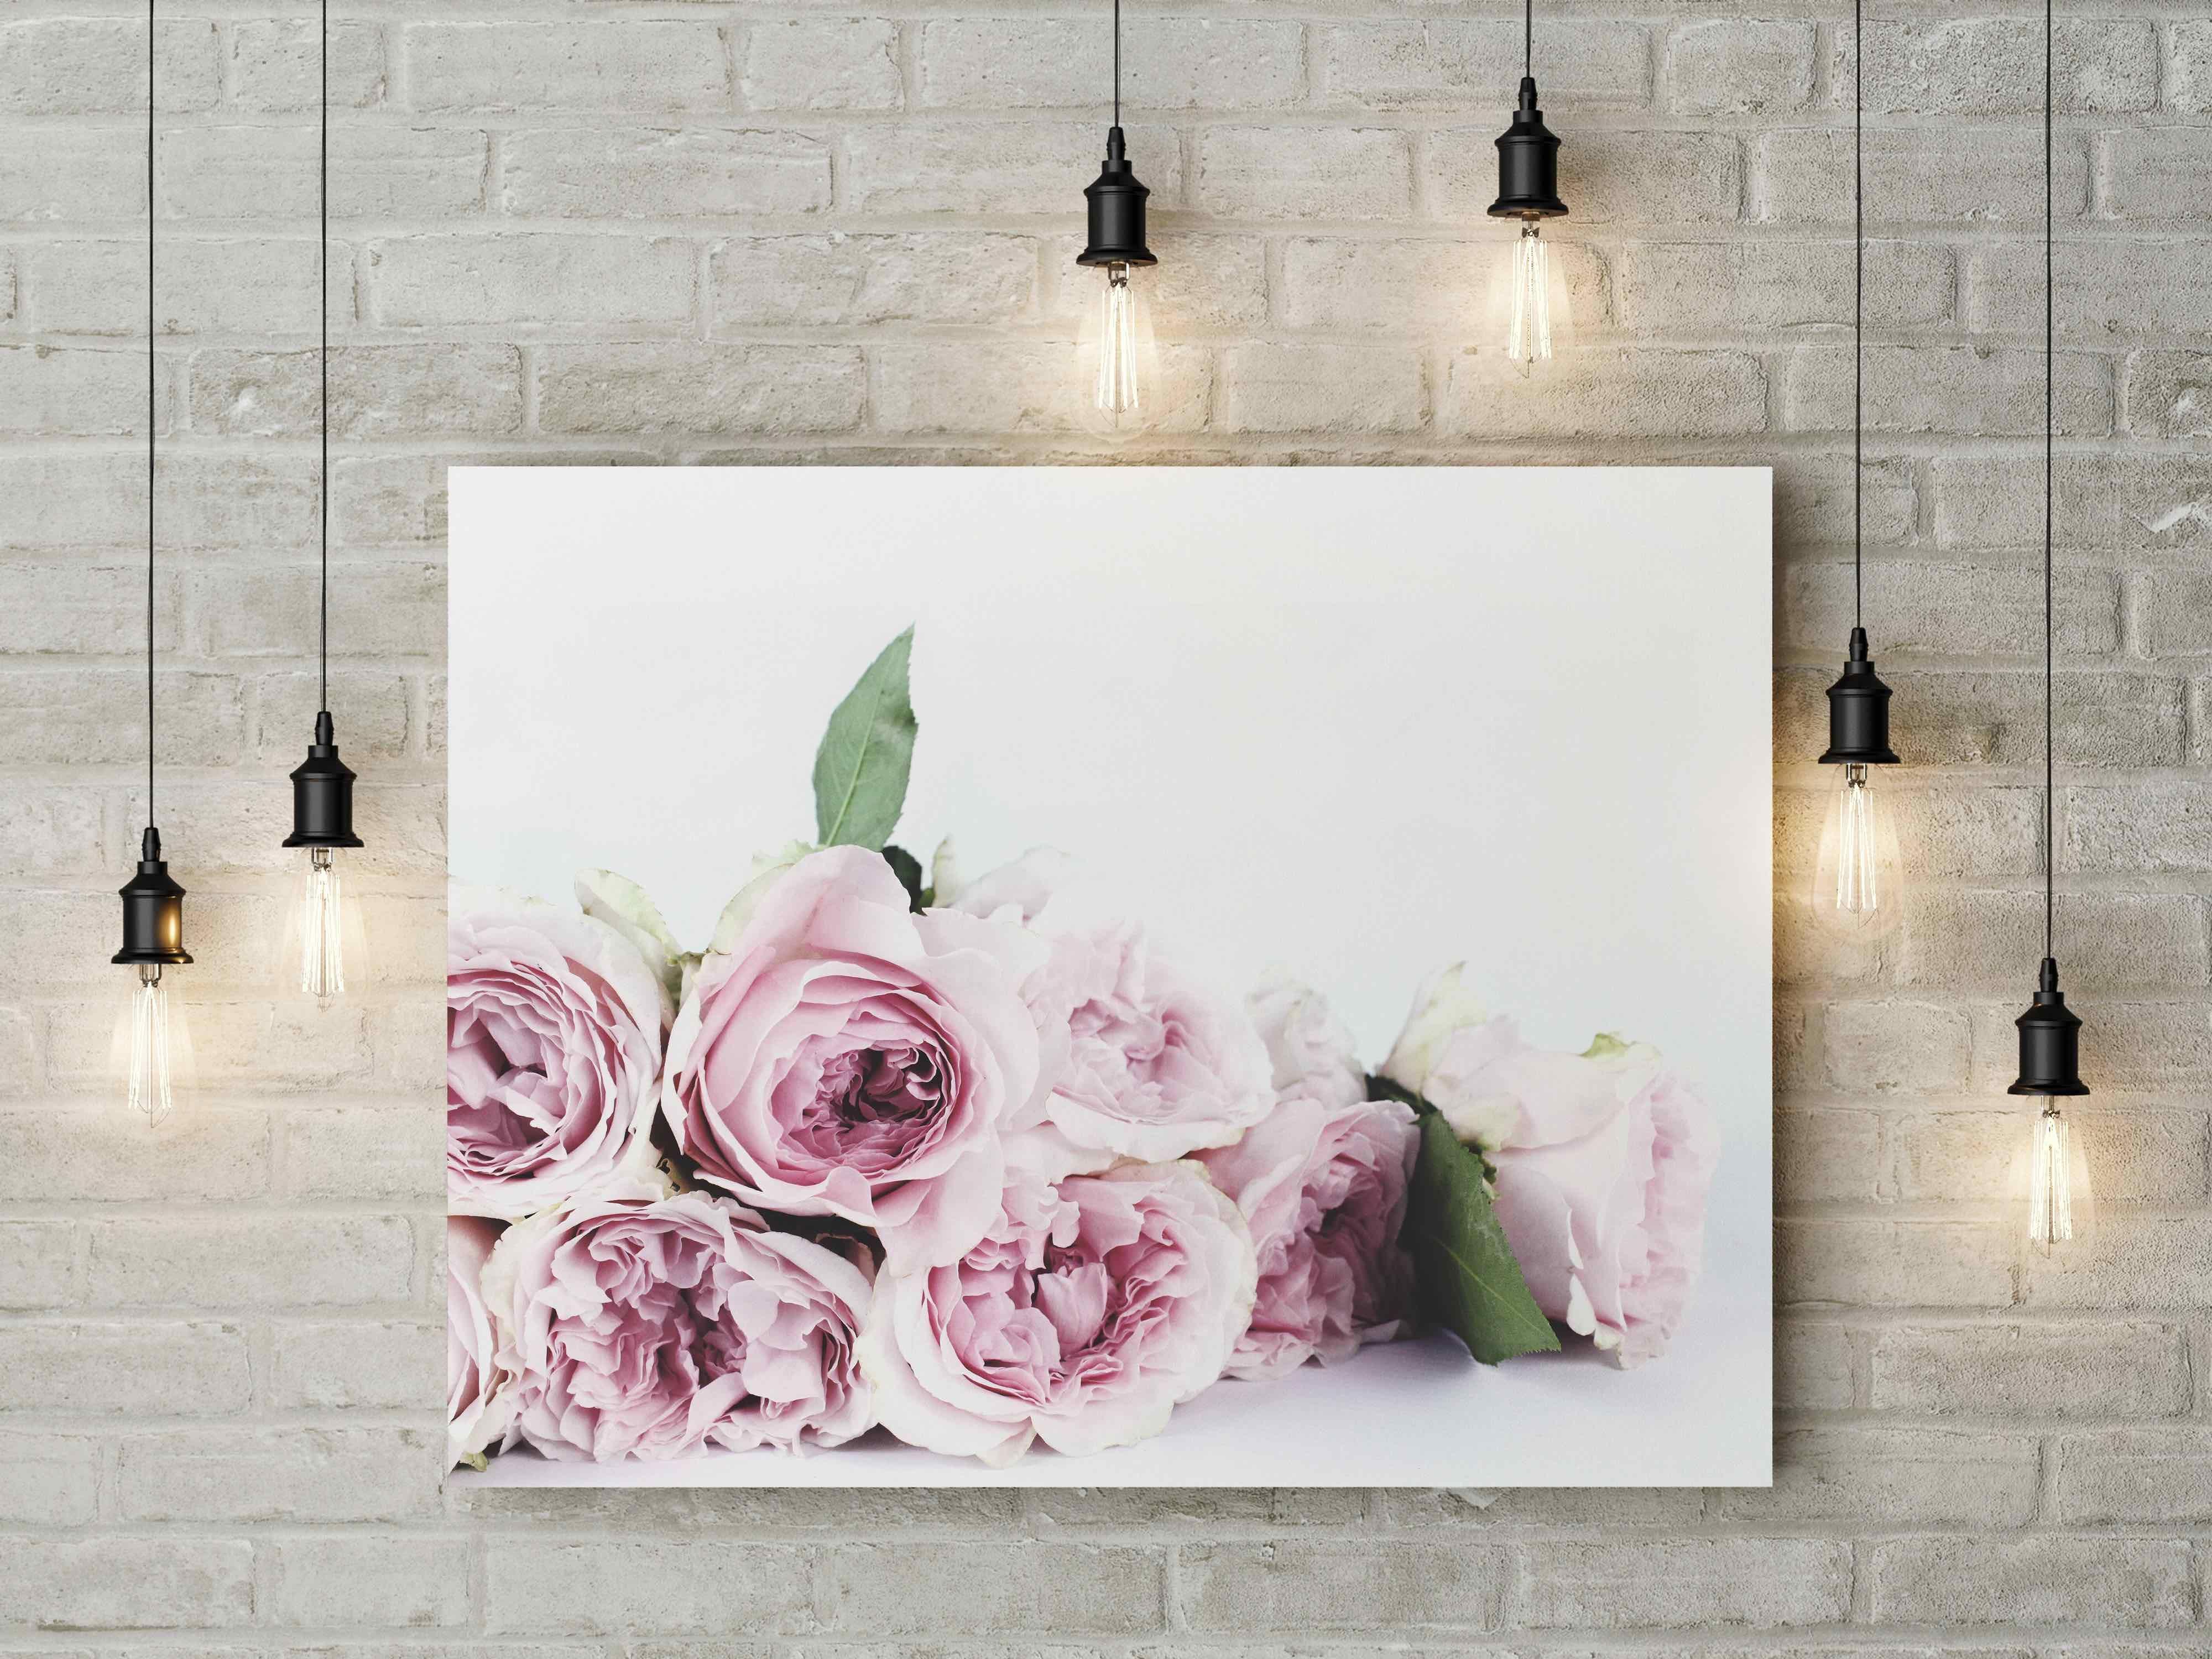 постер для интерьера цветы бывает, если